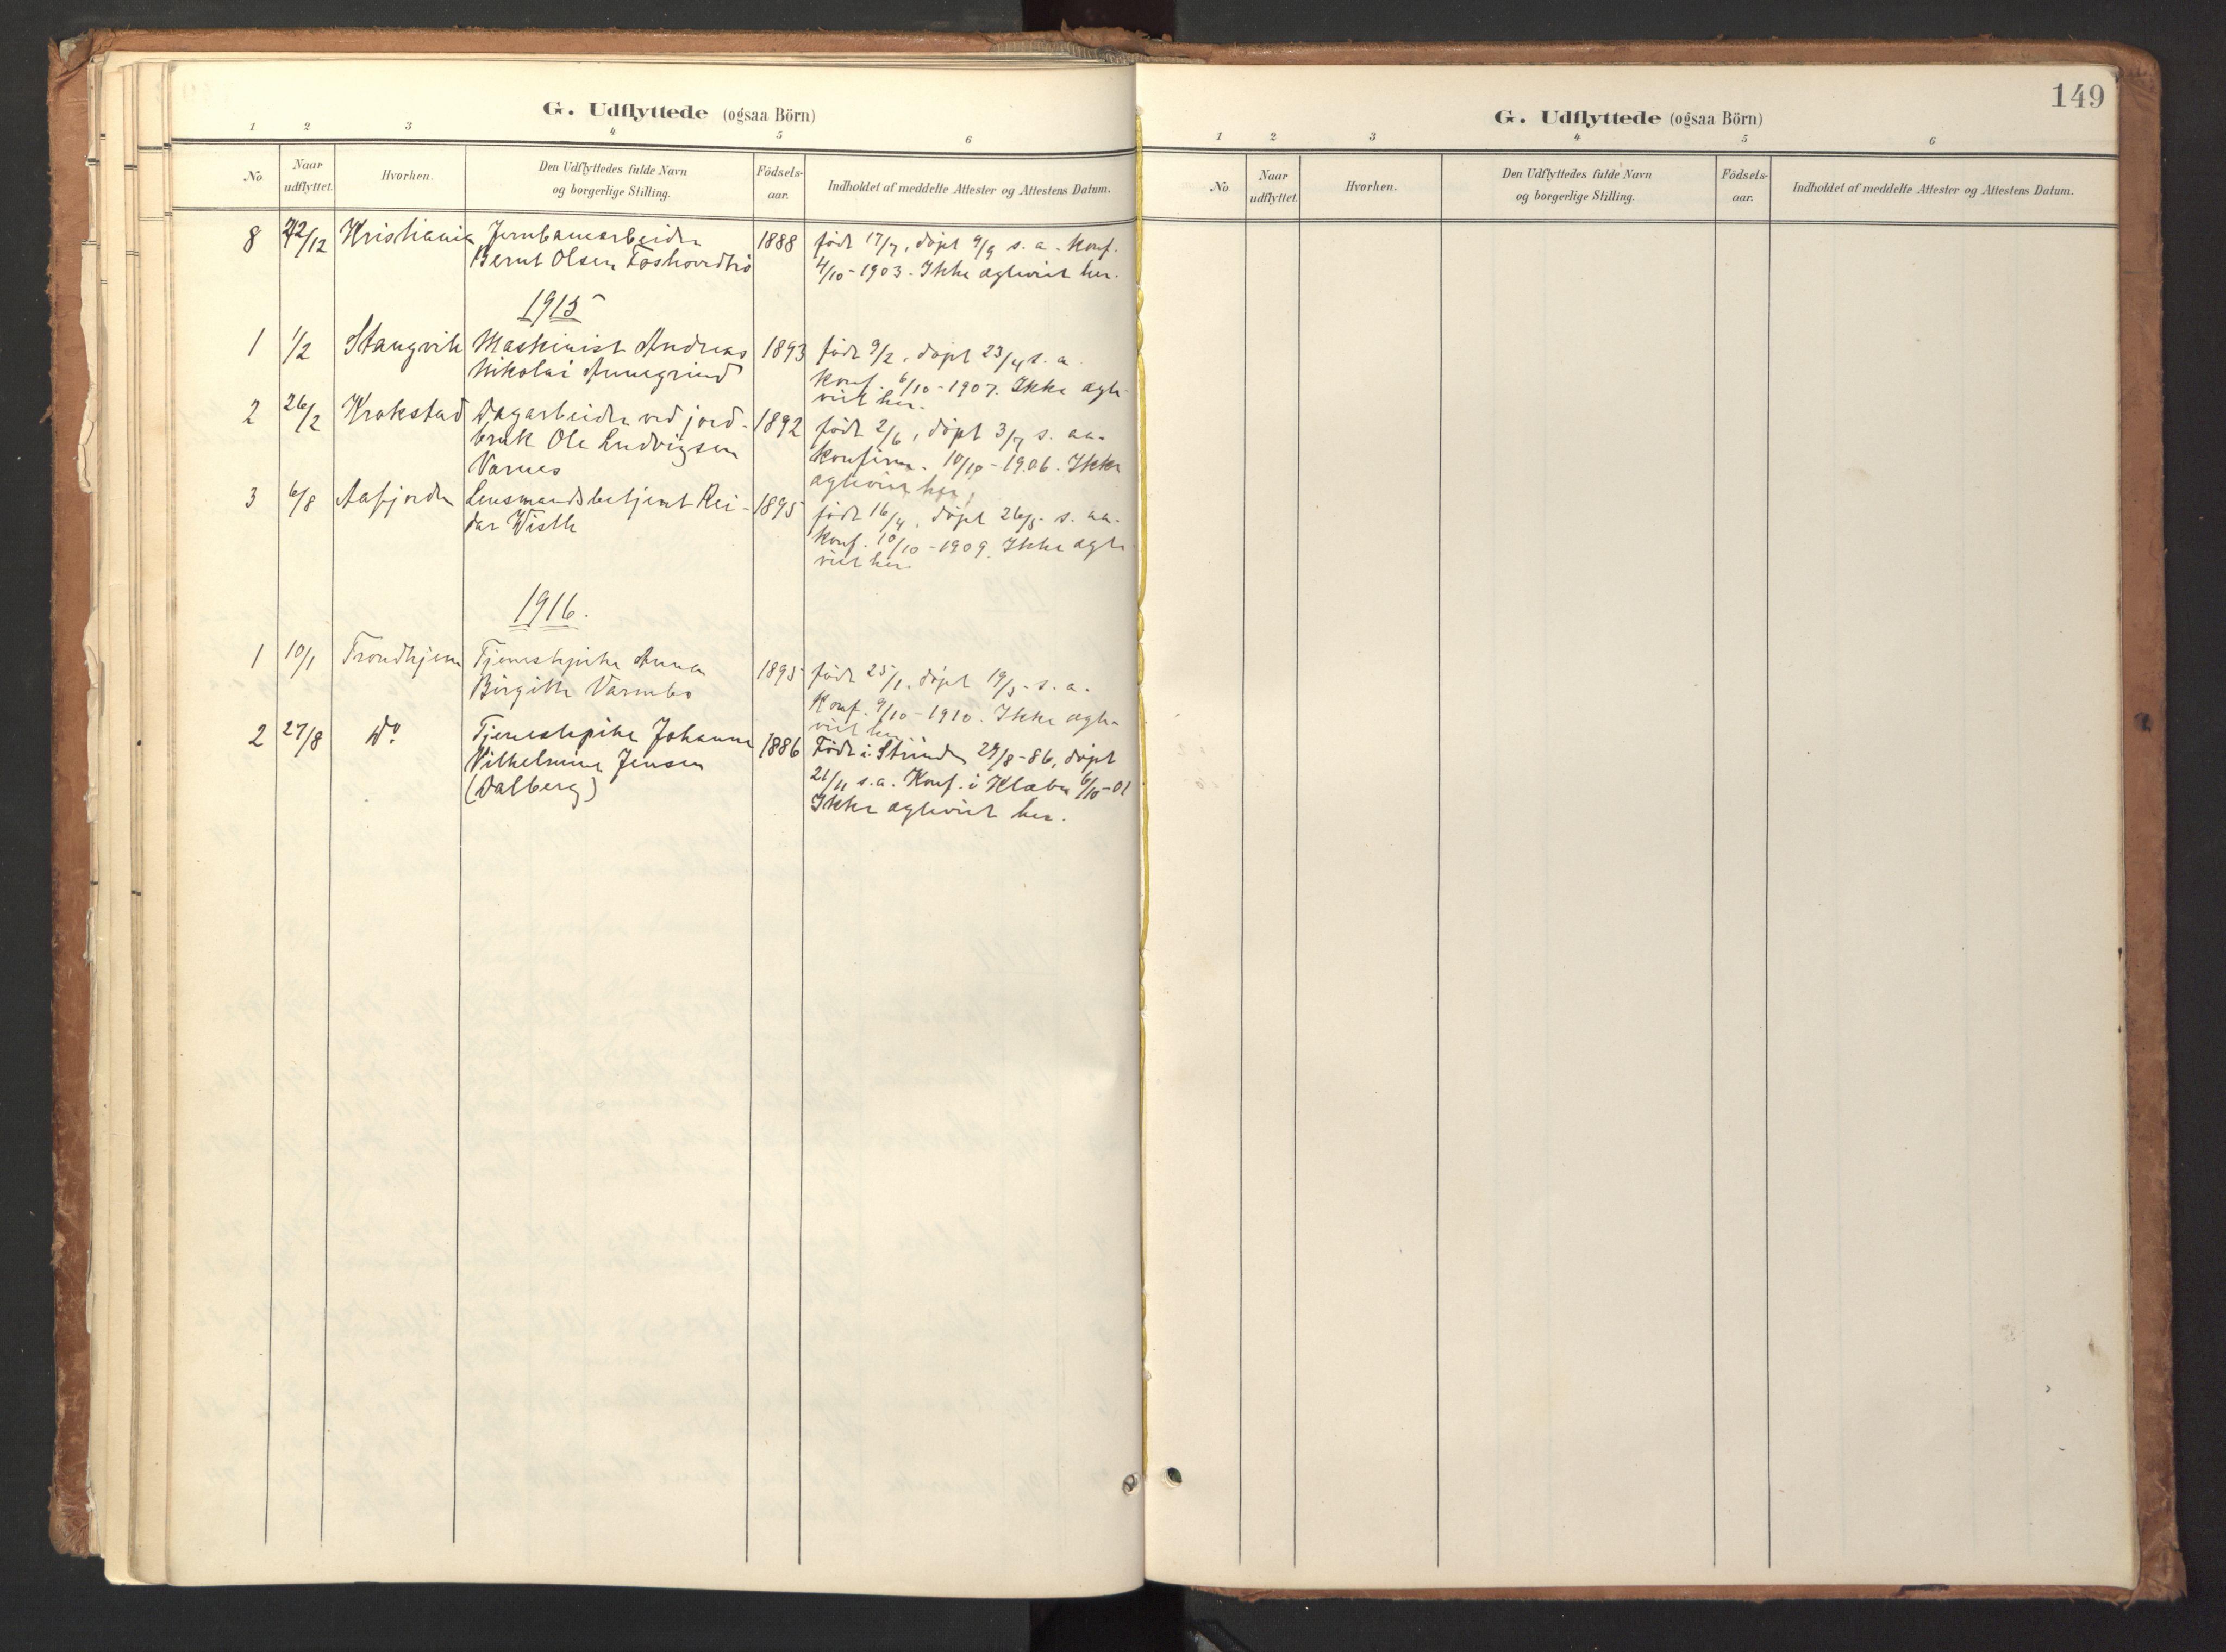 SAT, Ministerialprotokoller, klokkerbøker og fødselsregistre - Sør-Trøndelag, 618/L0448: Ministerialbok nr. 618A11, 1898-1916, s. 149